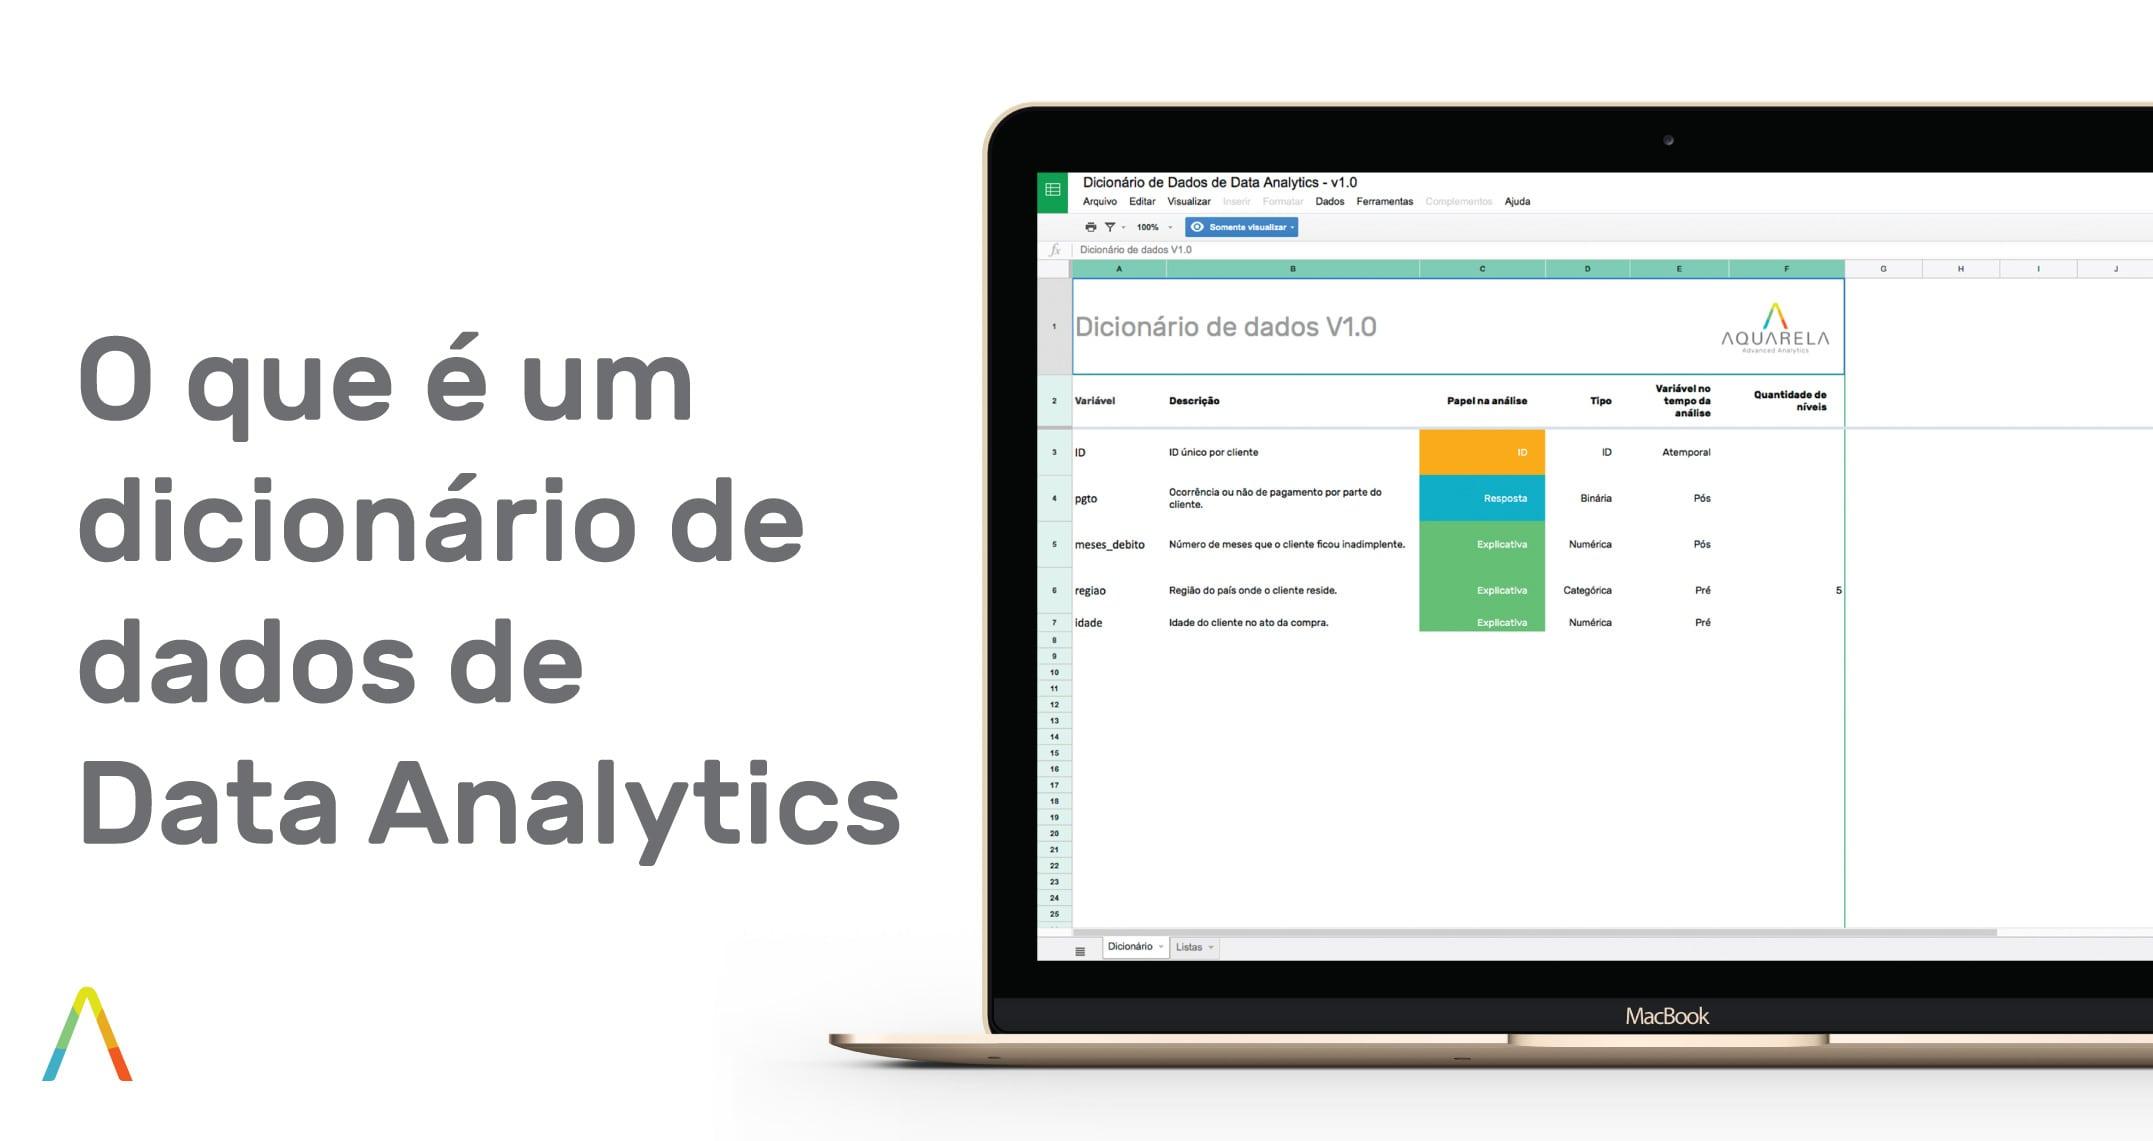 O que é um dicionário de dados de Data Analytics